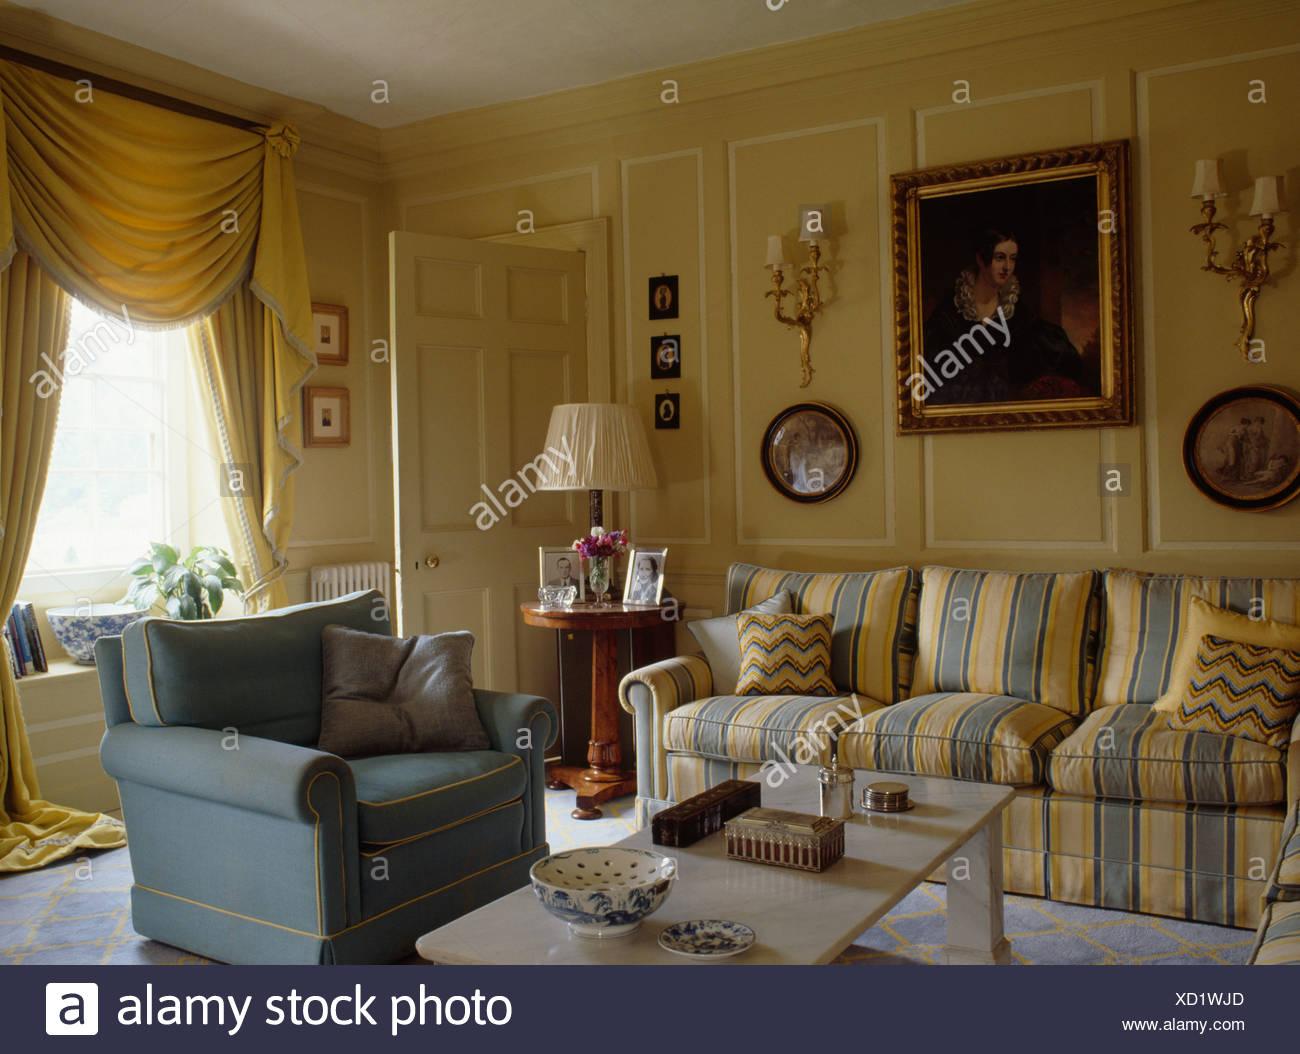 Gelb und blau gestreiften Sofa und blauen Sessel in Creme getäfelten ...